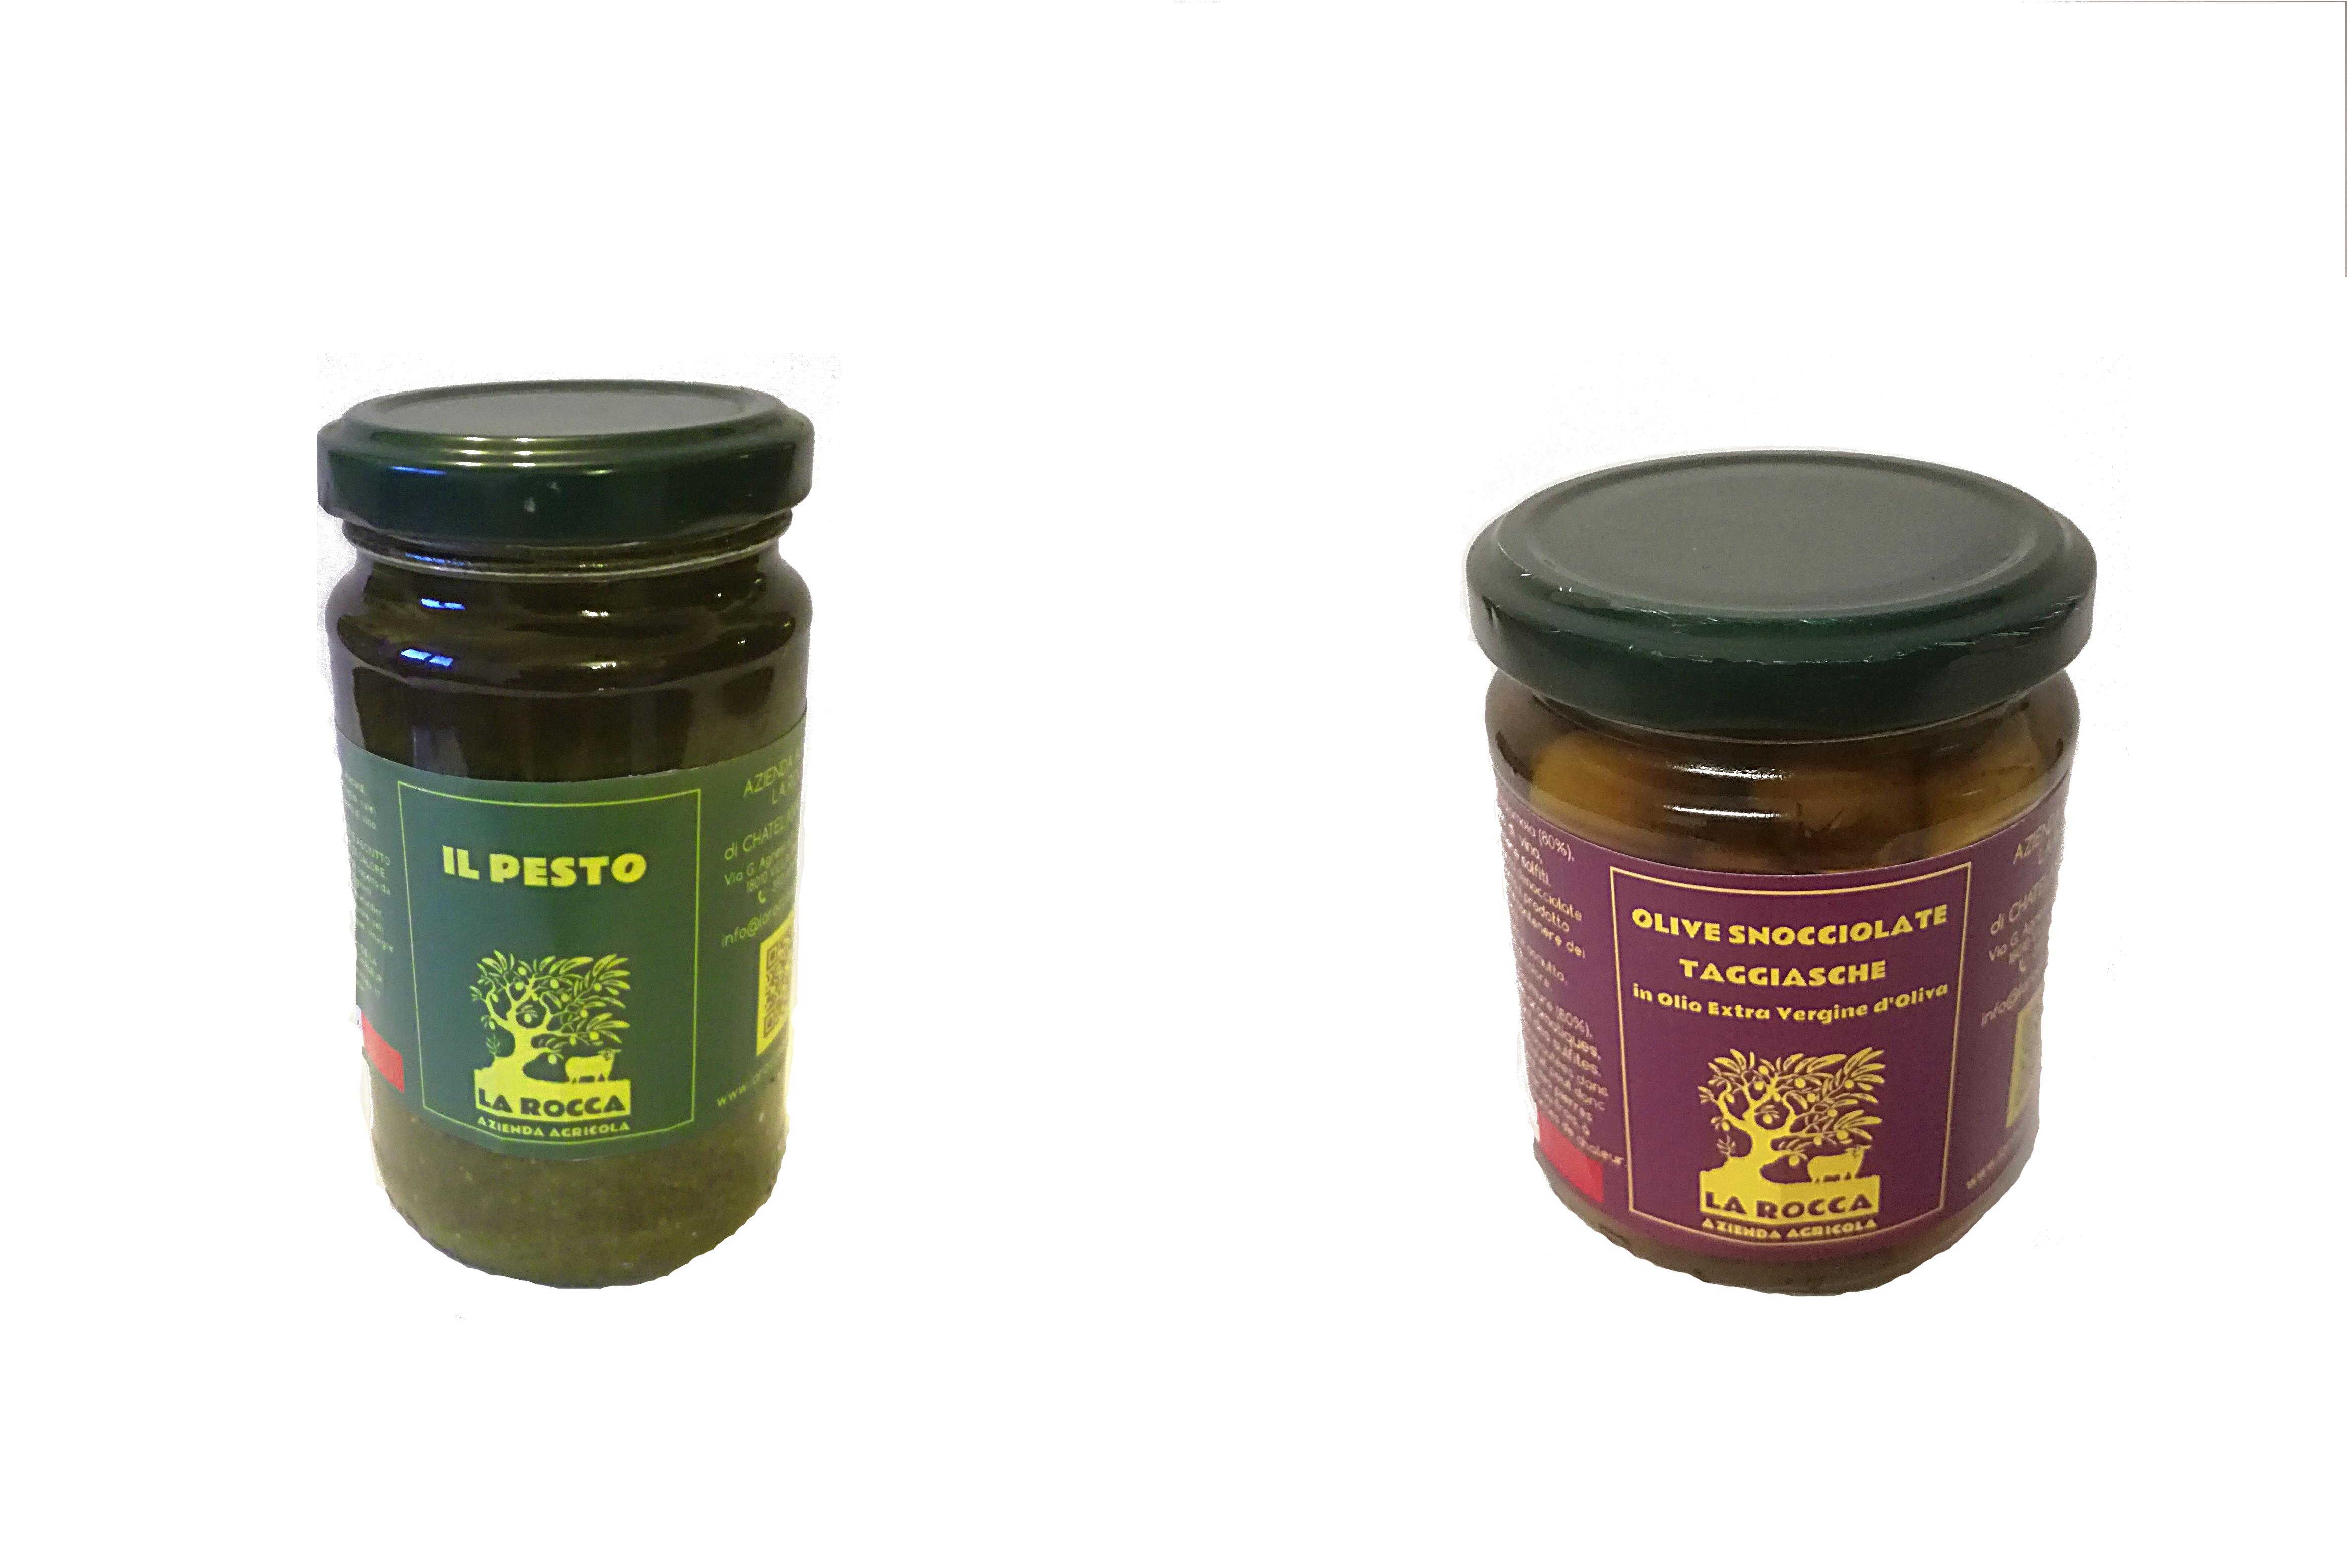 Pesto e olive Azienda Agricola La Rocca